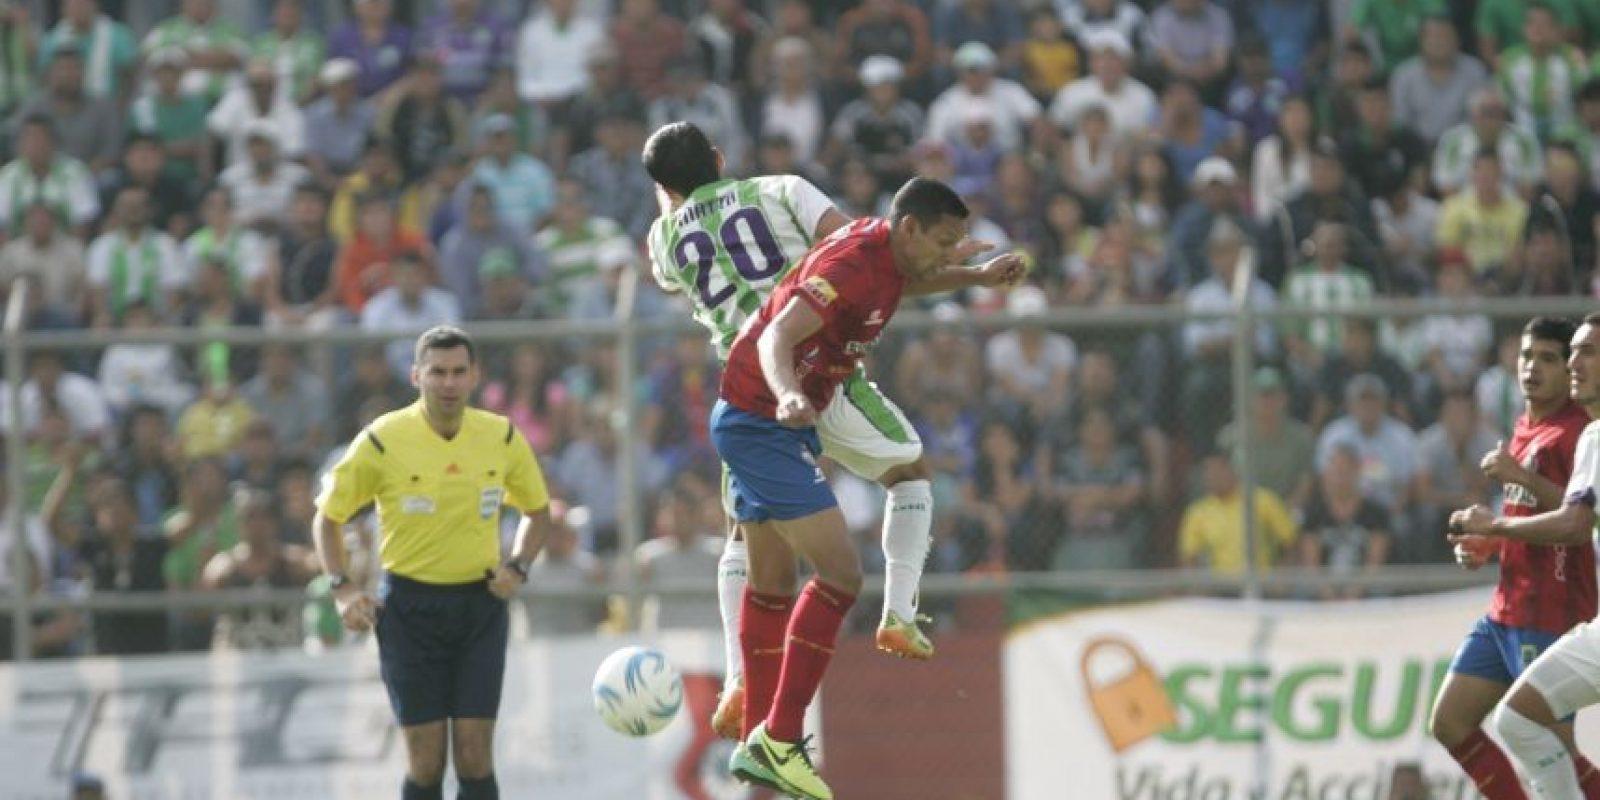 Aunque no pudo obtener la victoria, Municipal fue amplio dominador del partido en el estadio Pensativo. Foto:Publinews